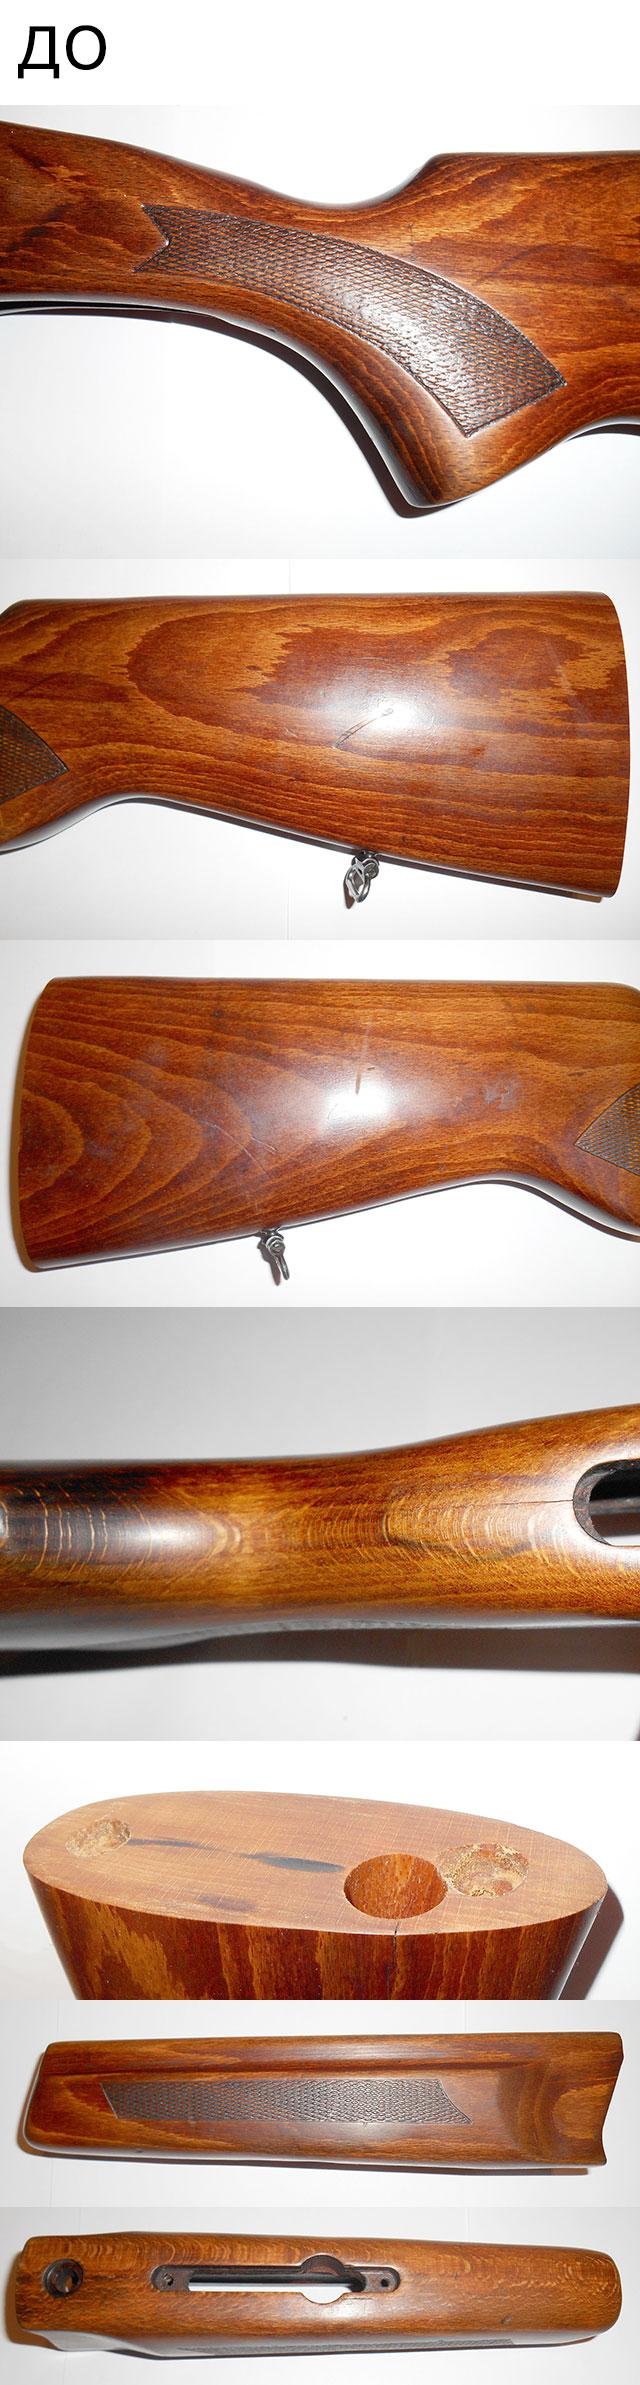 Приклад и цевье ружья ИЖ 27 до реставрации